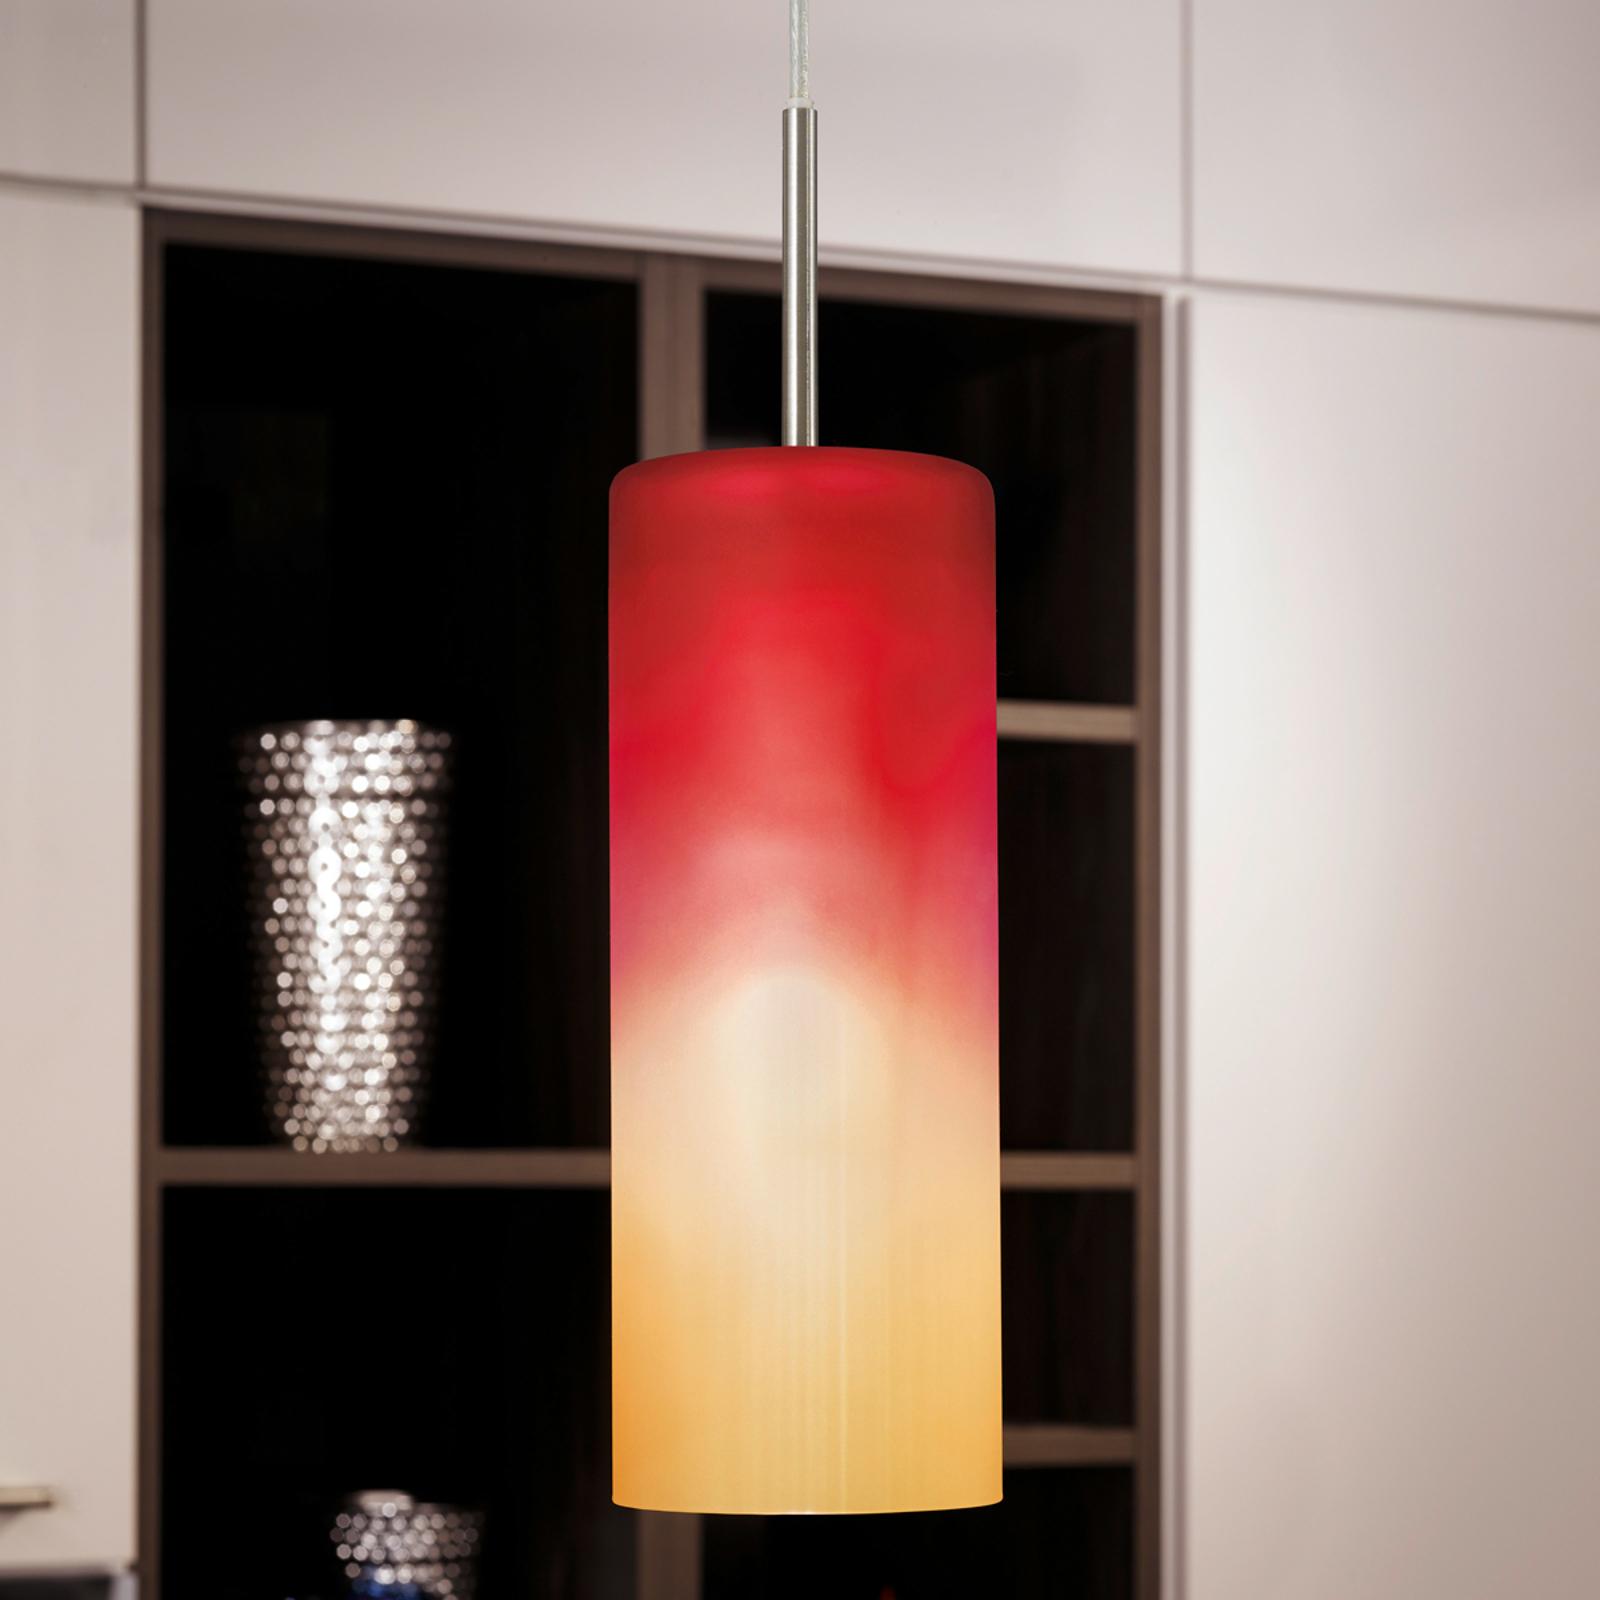 Závesná lampa Troy v červenej a oranžovej_3031185_1